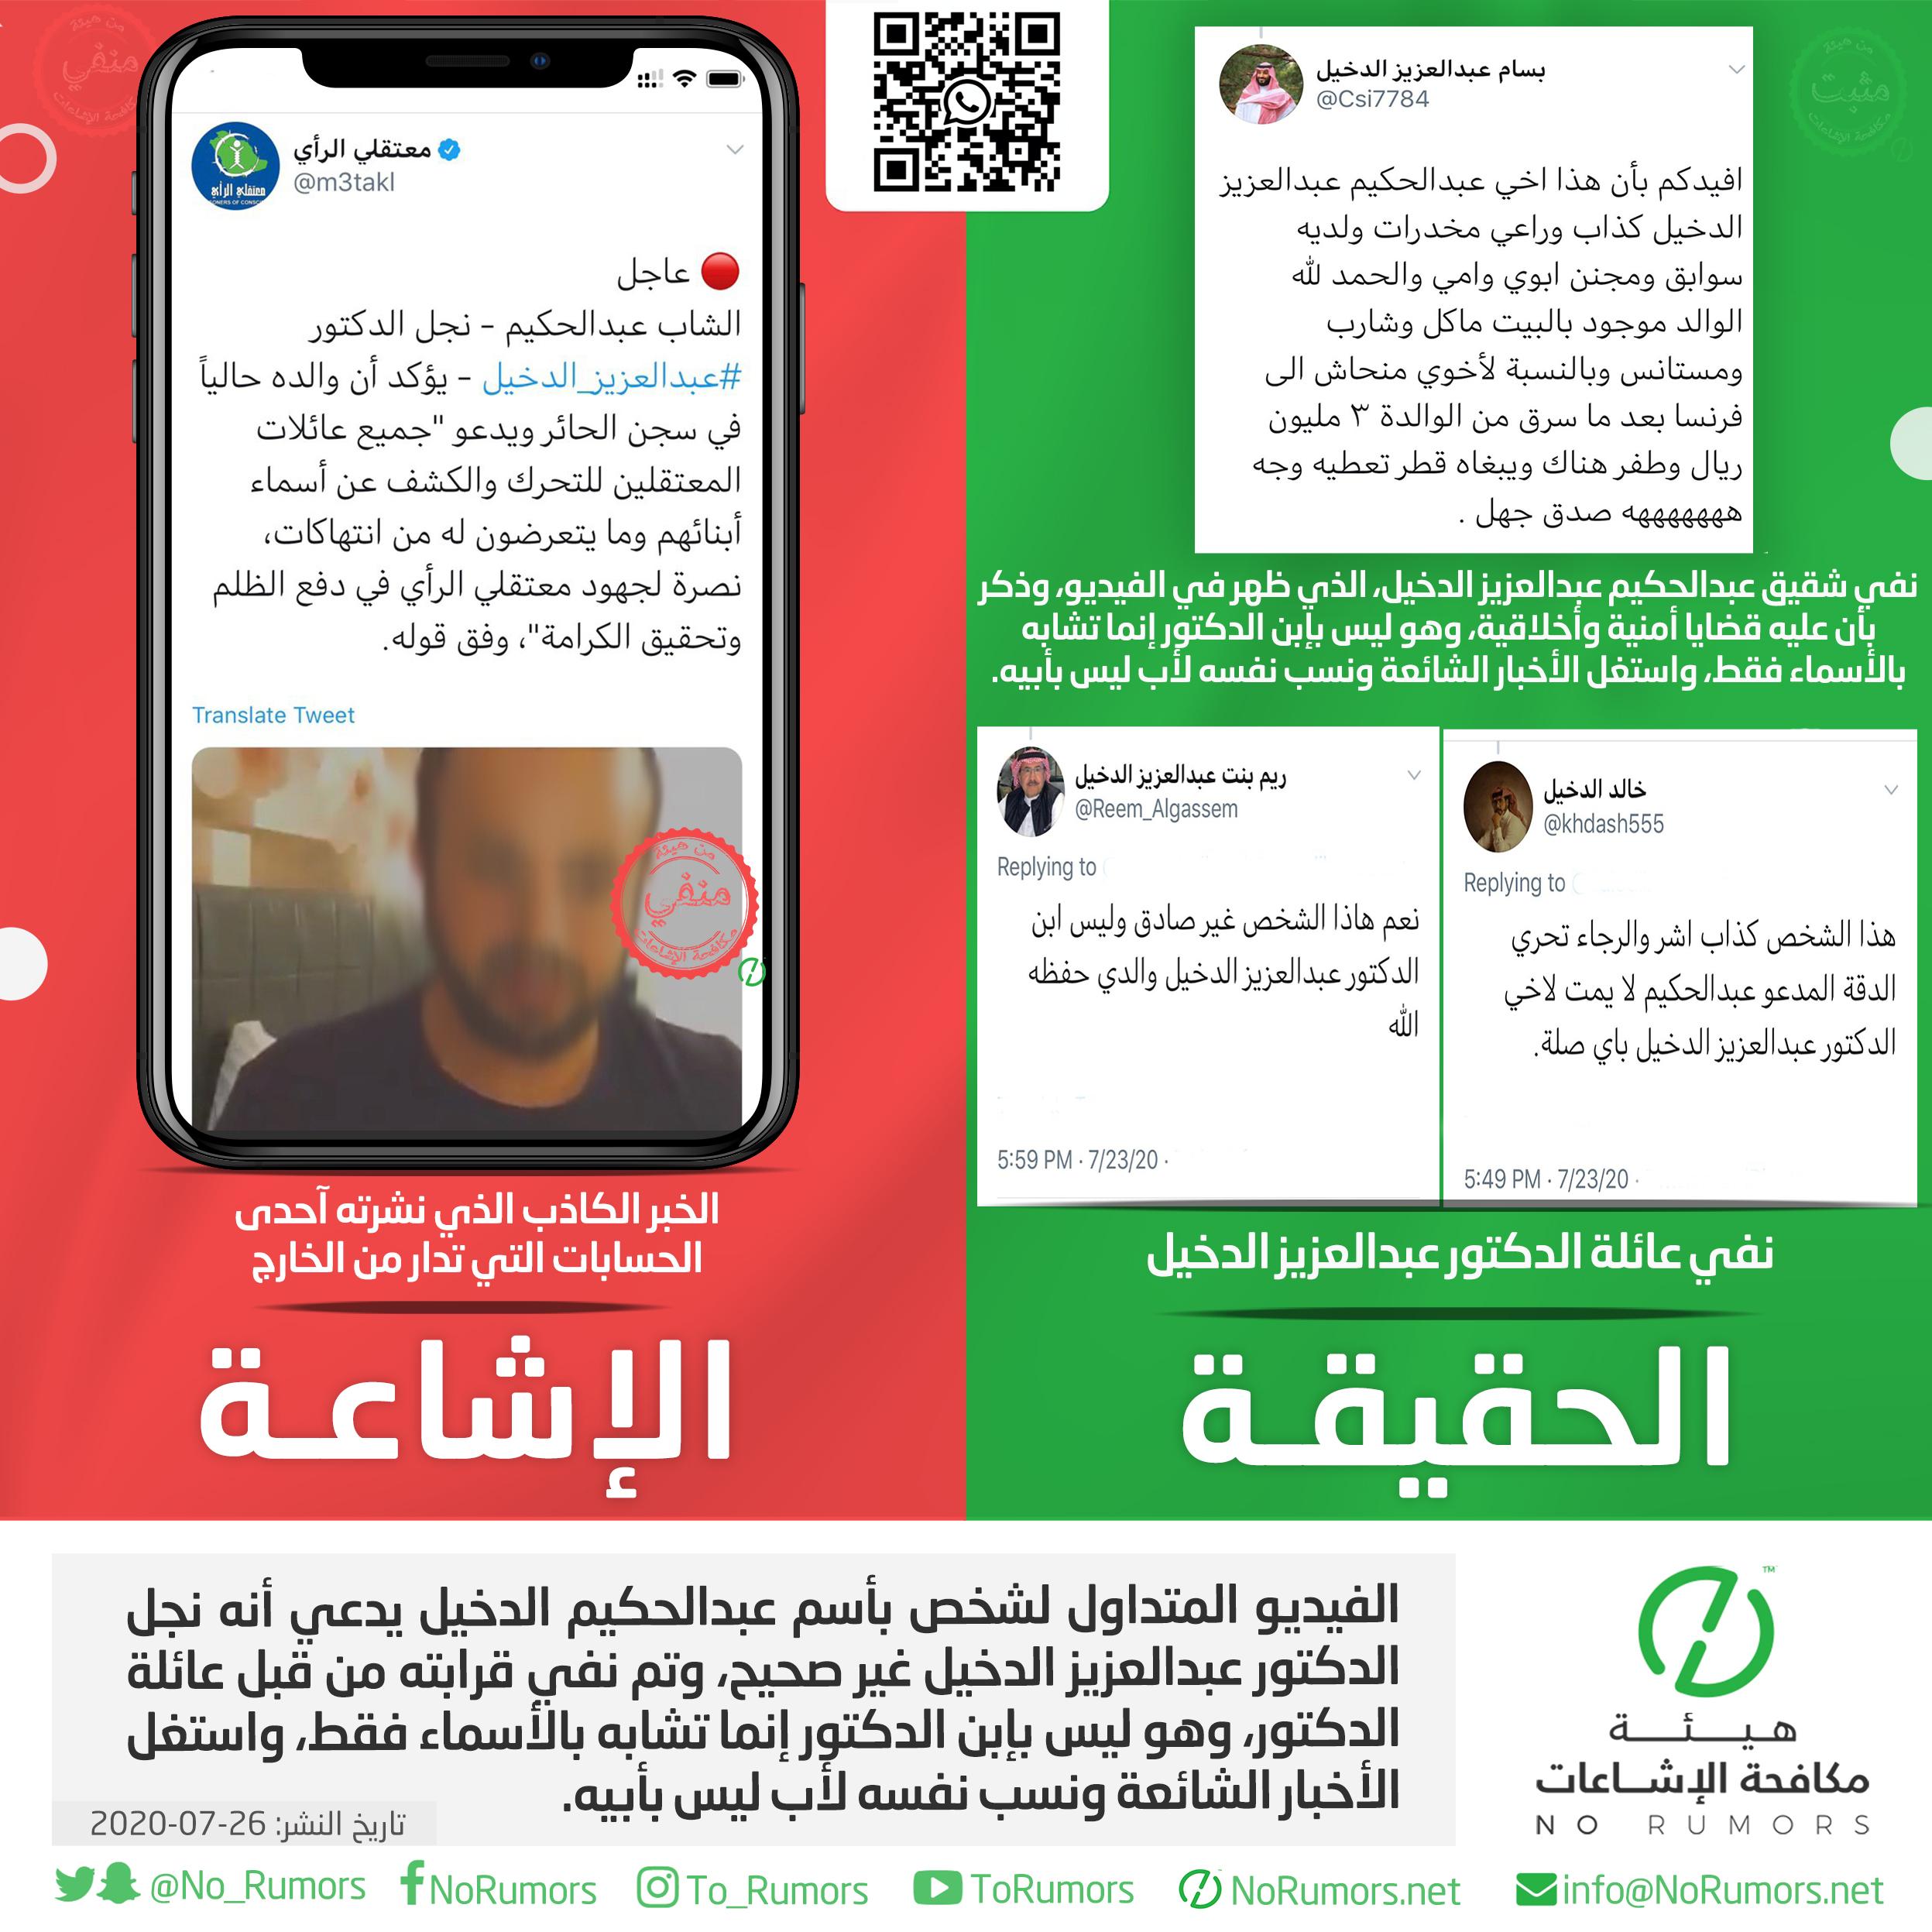 حقيقة الفيديو المتداول لشخص بأسم عبدالحكيم الدخيل يدعي أنه نجل الدكتور عبدالعزيز الدخيل